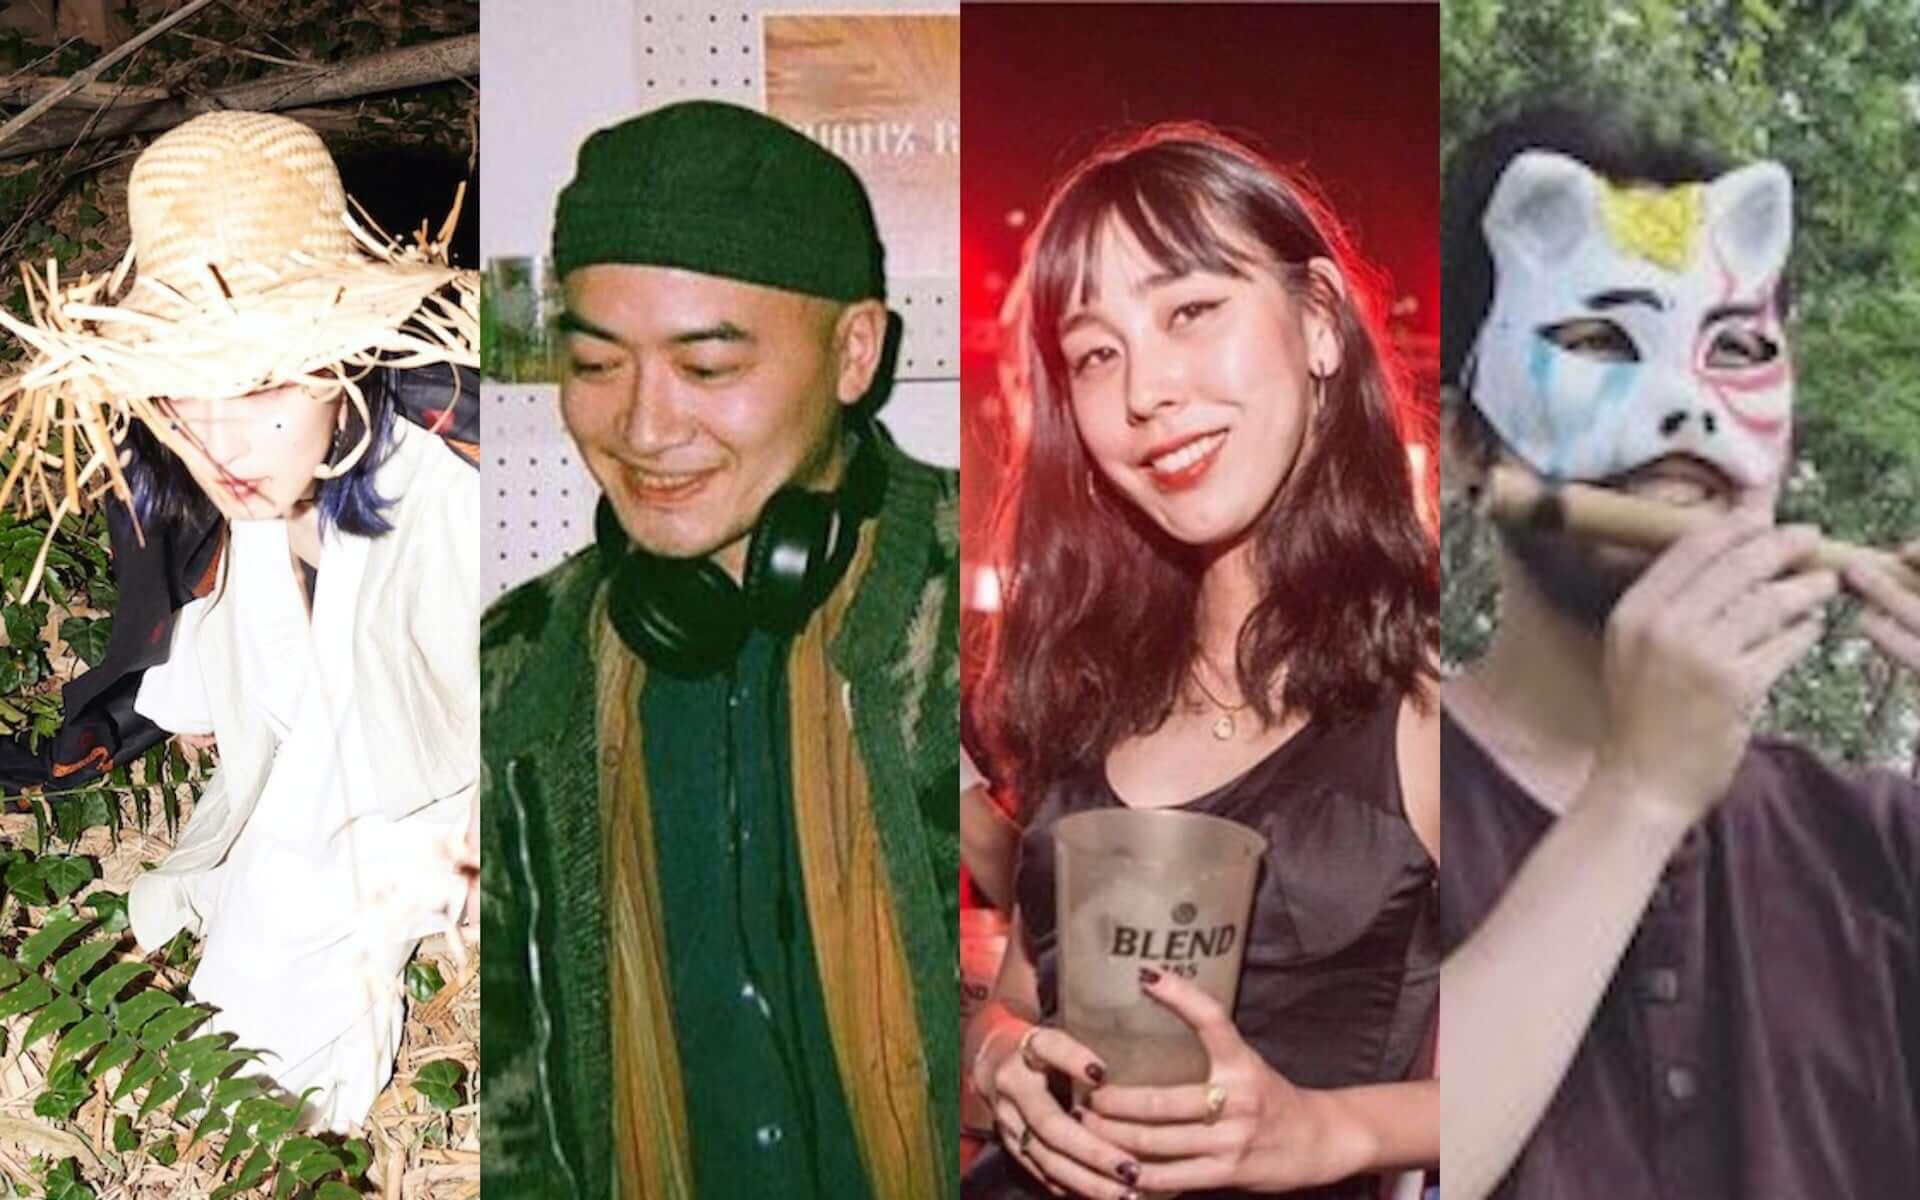 渋谷Contactで世界各地の音楽を堪能しよう!民謡クルセイダーズ・meg、suimin、Kenjinhoら出演のデイイベント<HO-HAI>が開催決定 music201008_ho-hai_2-1920x1200